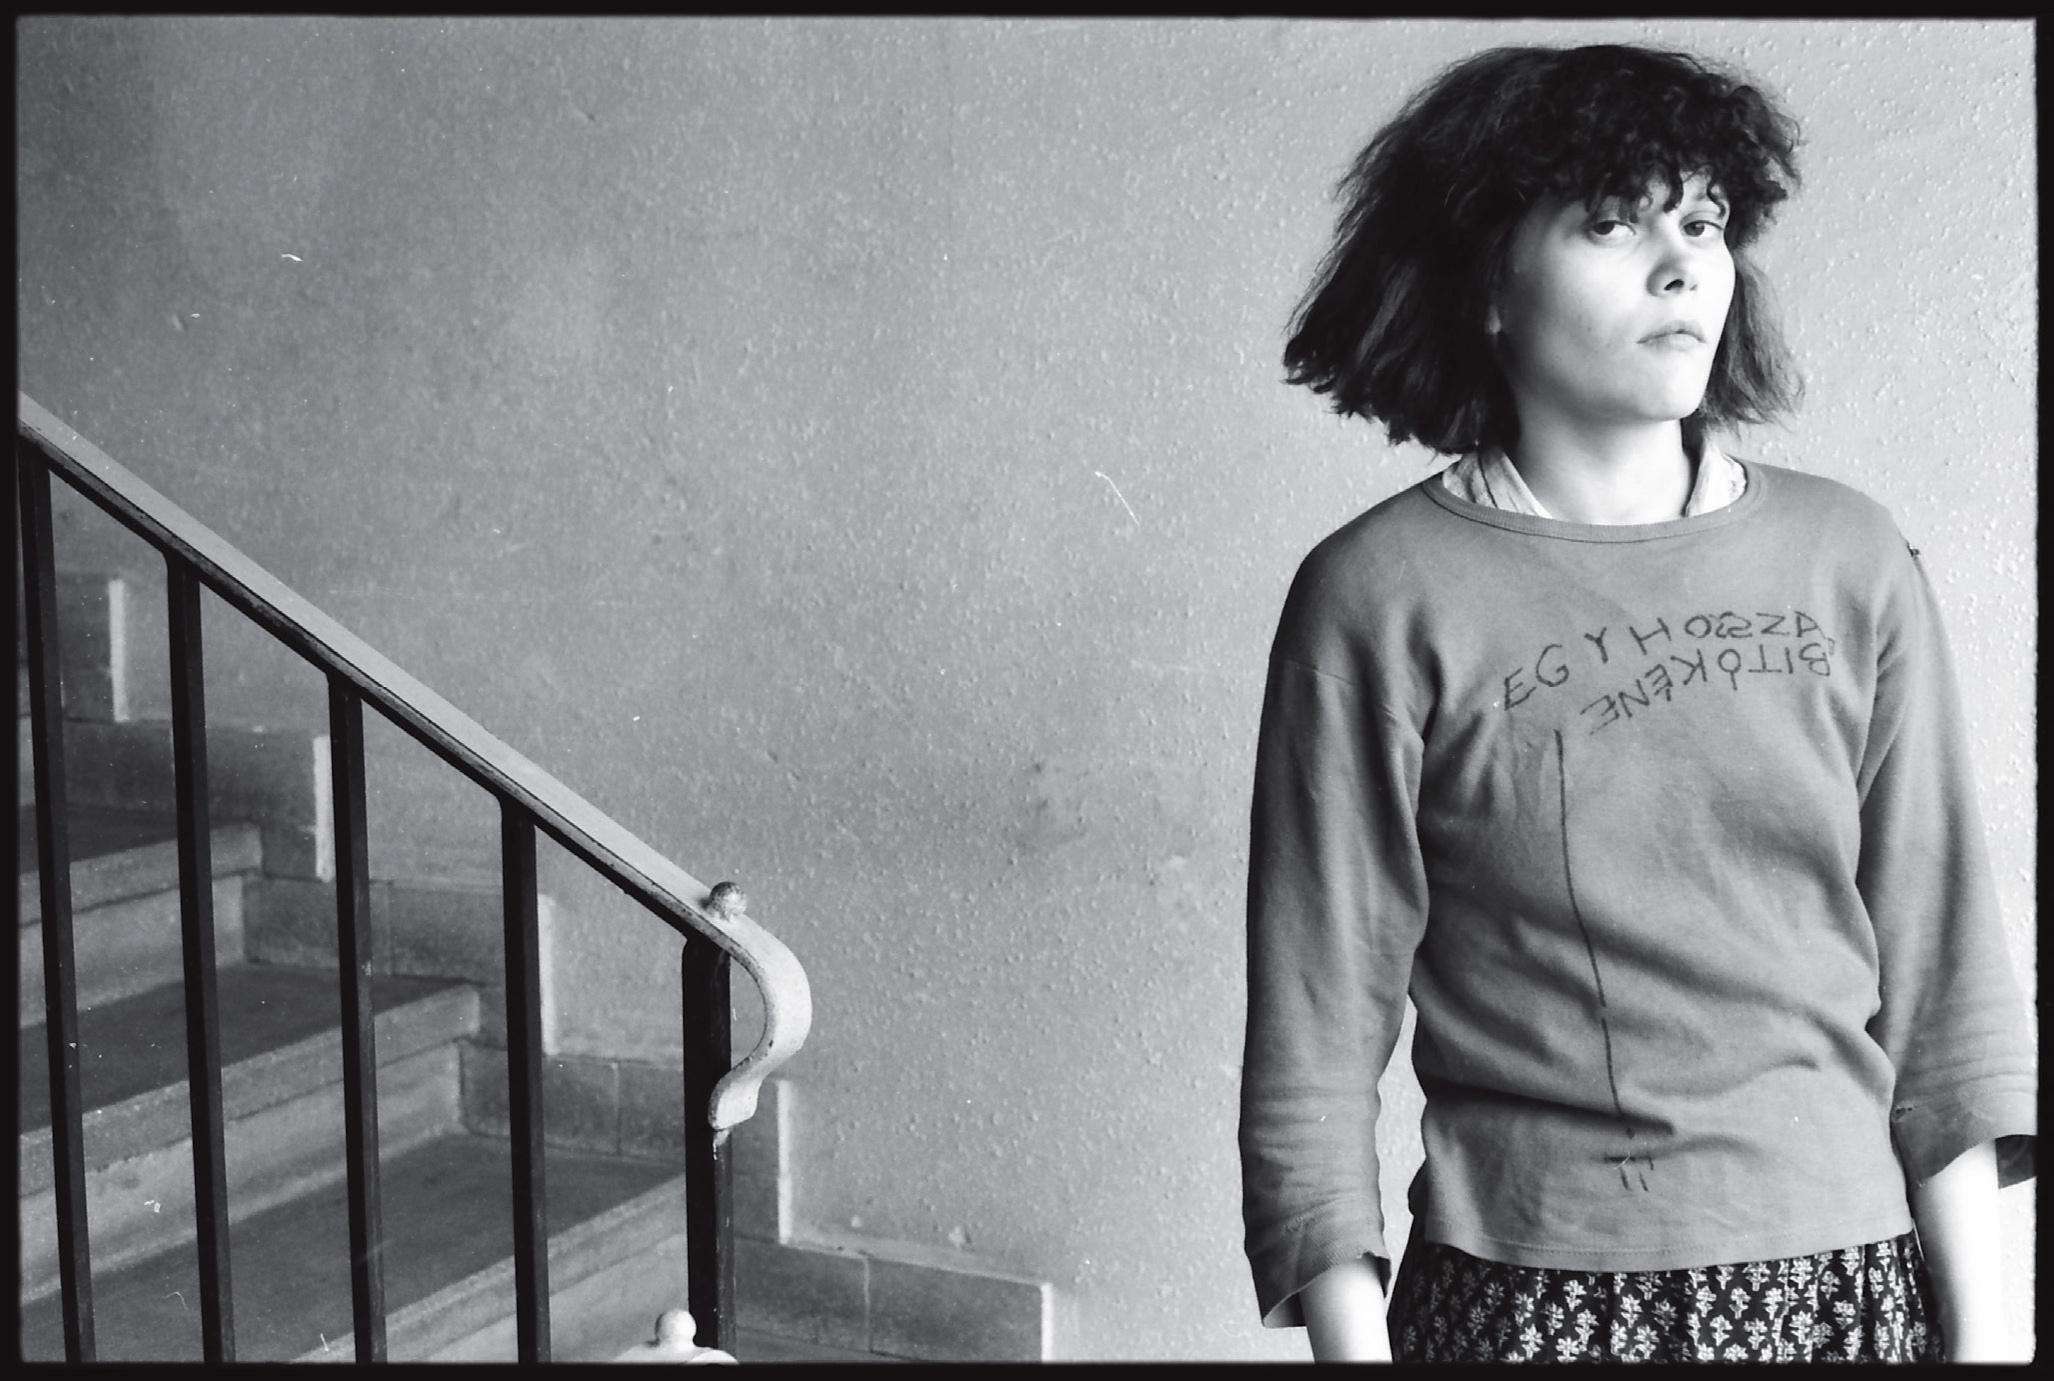 Fotó: Bereményi Géza – Vető János: Antoine és Desiré – Fényképregény az 1970-es évekből. Corvina kiadó, Budapest, 2017. 113. o.